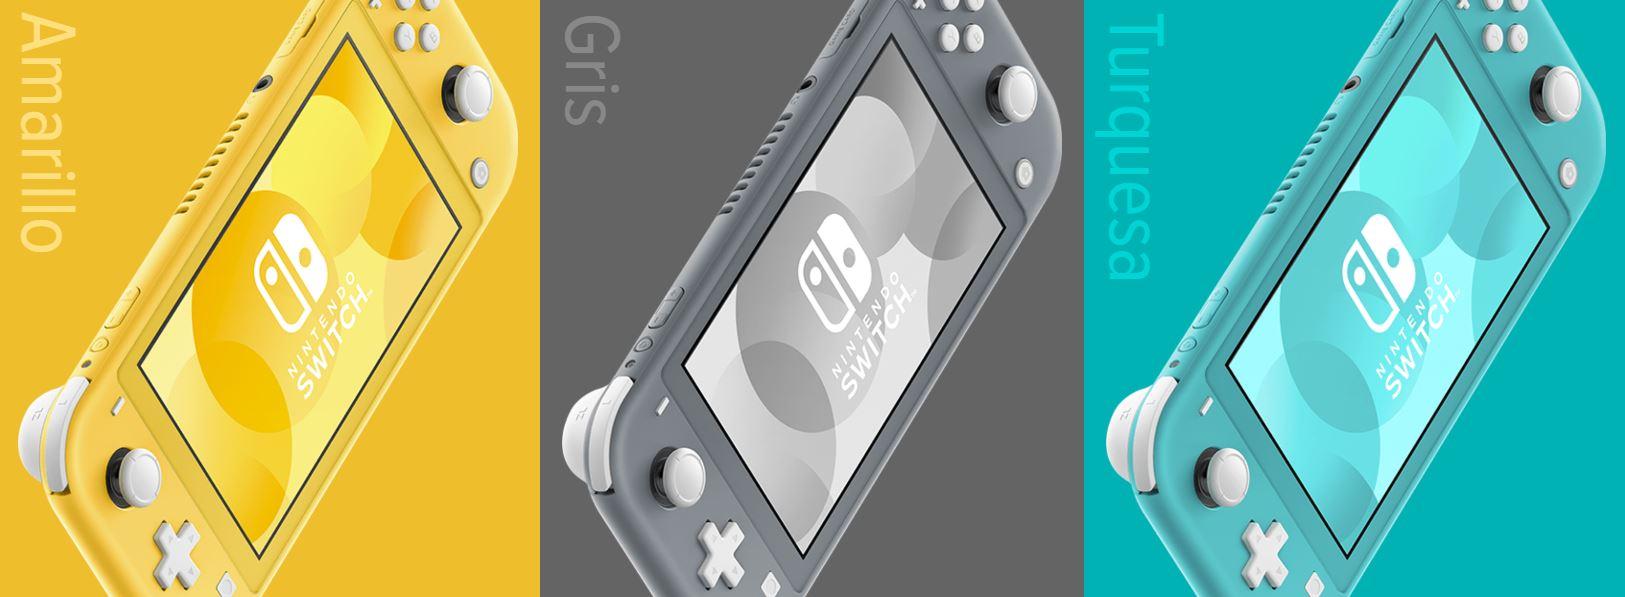 Fue presentada por sorpresa este miércoles y que llegará al mercado el próximo 20 de septiembre en tres colores diferentes.(Foto: Nintendo)